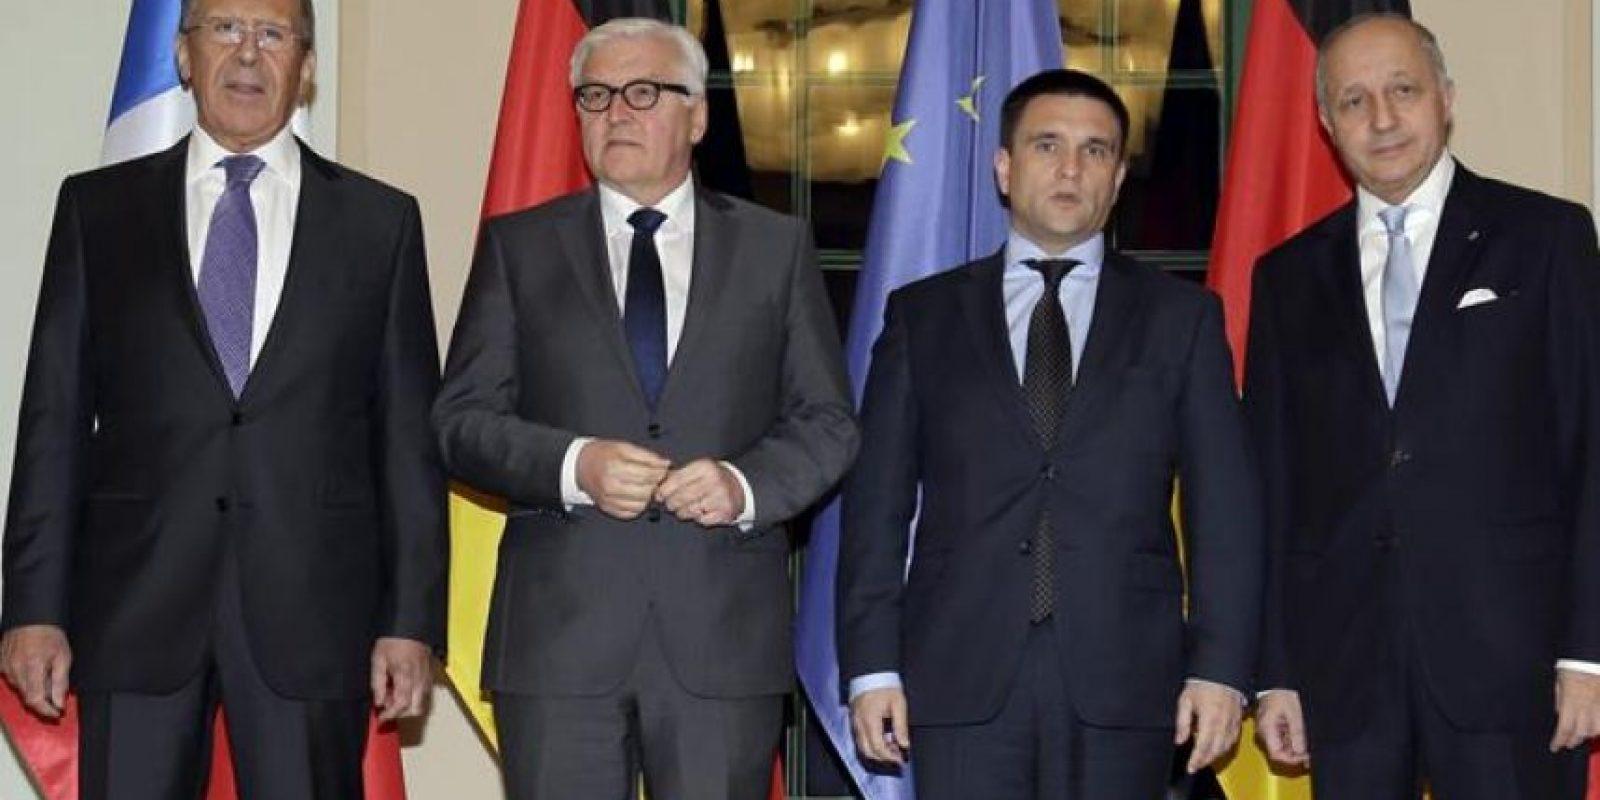 El ministro alemán de Exteriores, Frank-Walter Steinmeier (2i) junto a sus homólogos, el ruso, Sergei Lavrov (i), el ucraniano, Pavló Klimkin (2d) y el francés, Laurent Fabius (d) antes de su encuentro en Berlín, Alemania. EFE